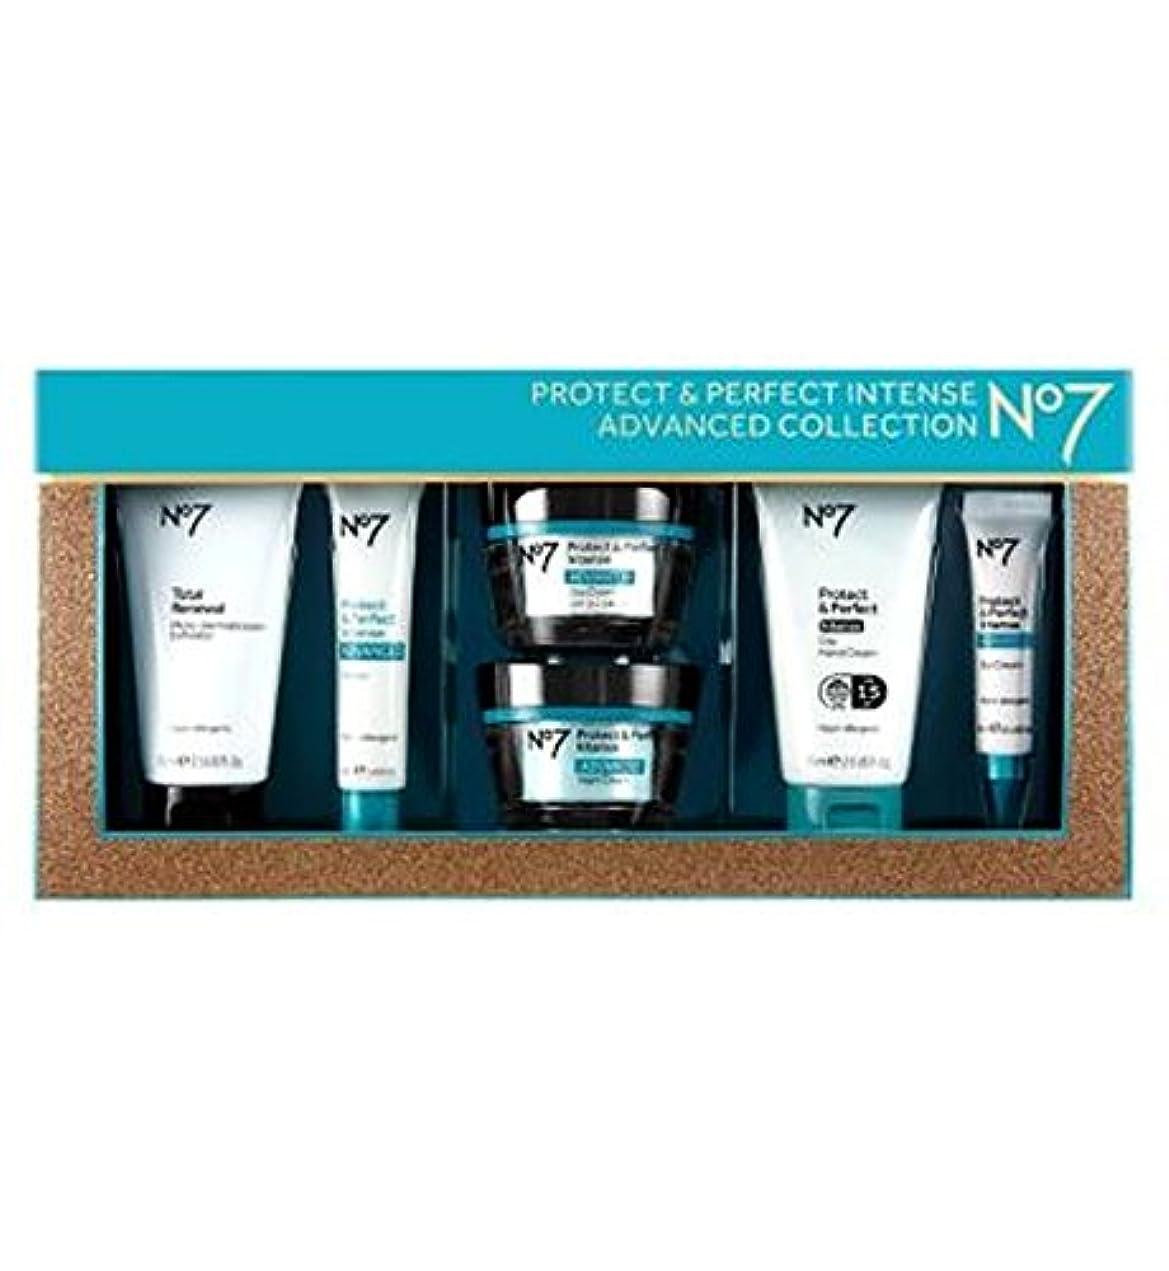 サーキットに行く追い越す波紋No7 Protect & Perfect Intense ADVANCED Collection - No7保護&完璧な強烈な高度なコレクション (No7) [並行輸入品]